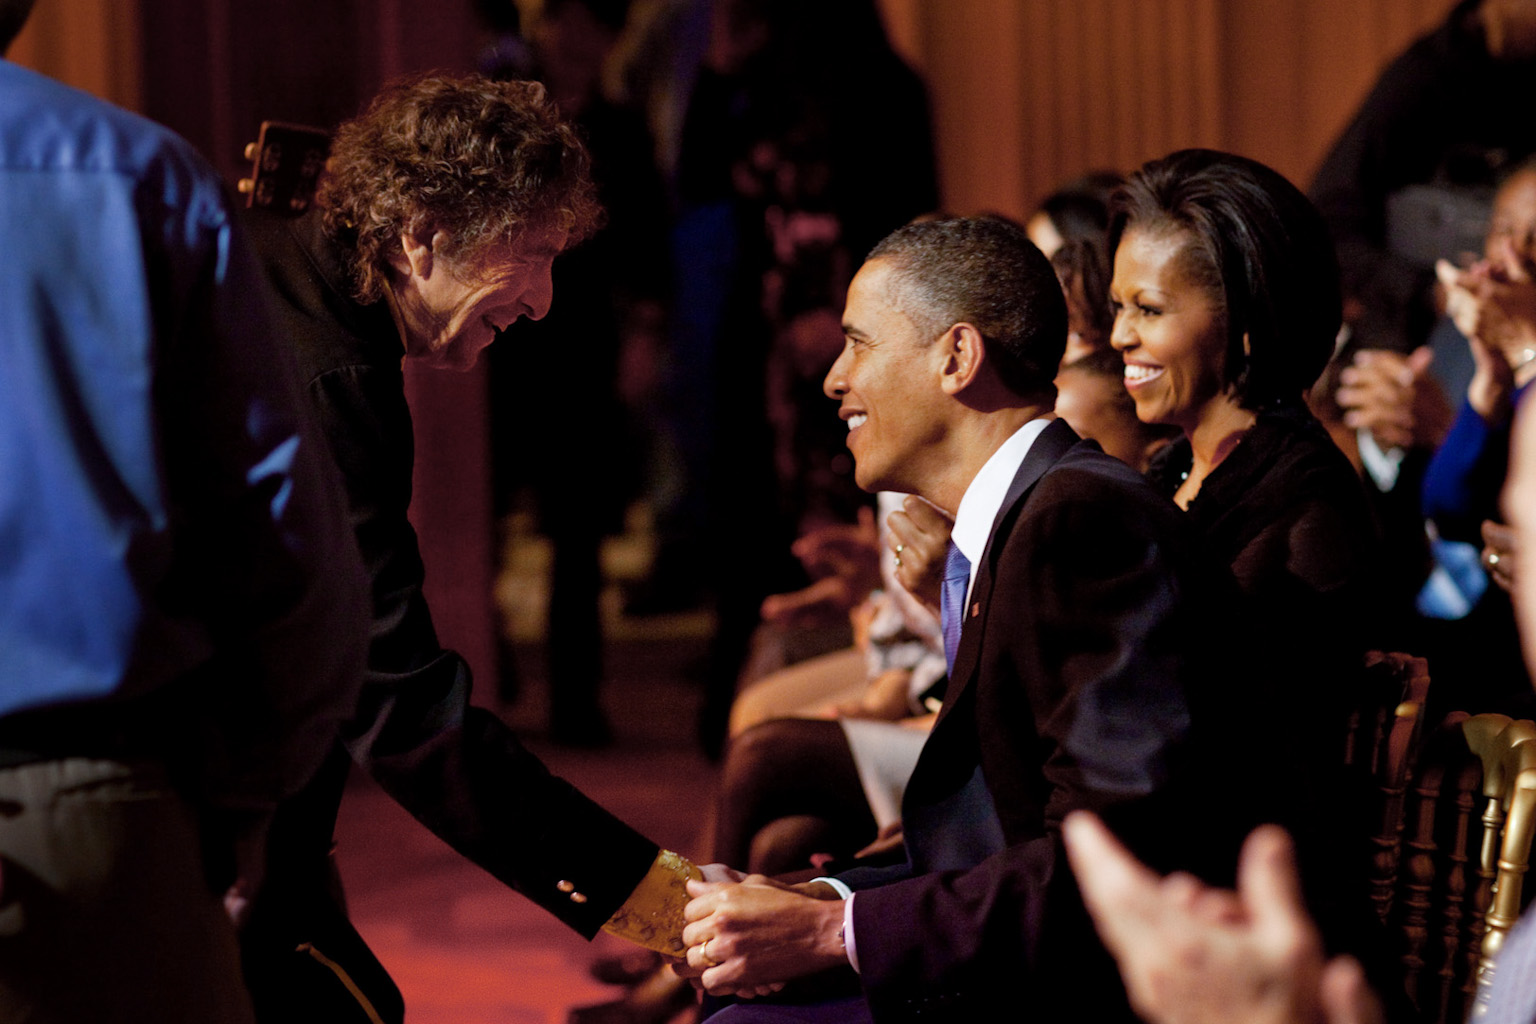 Dylan saluda al Presidente de los Estados Unidos Barack Obama tras una actuación en la Casa Blanca para celebrar la música del movimiento por los derechos civiles, el 9 de febrero de 2010.